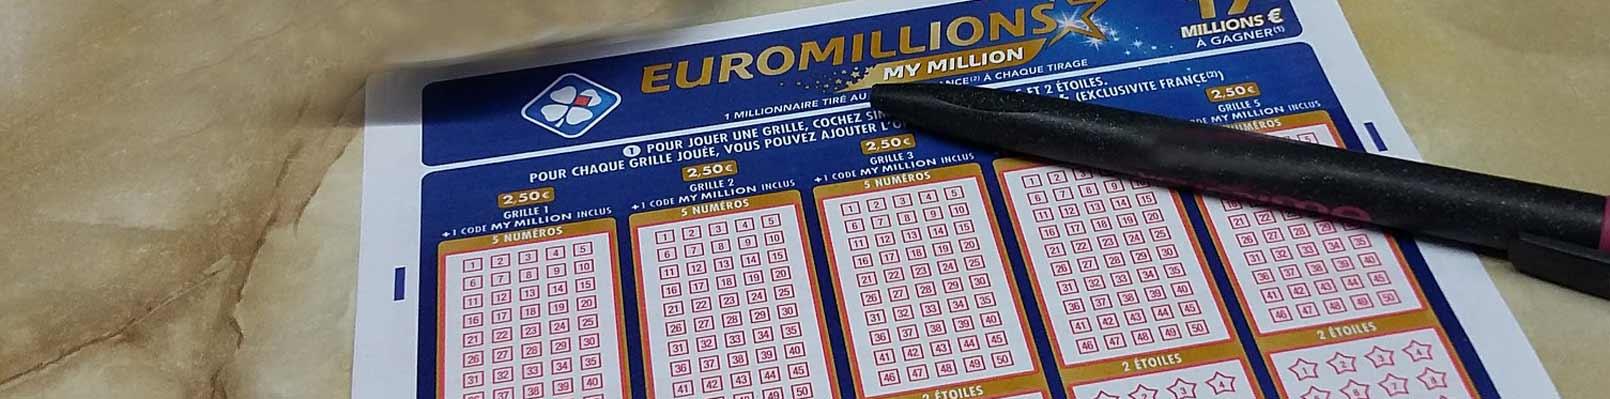 bilete loto online euromillions